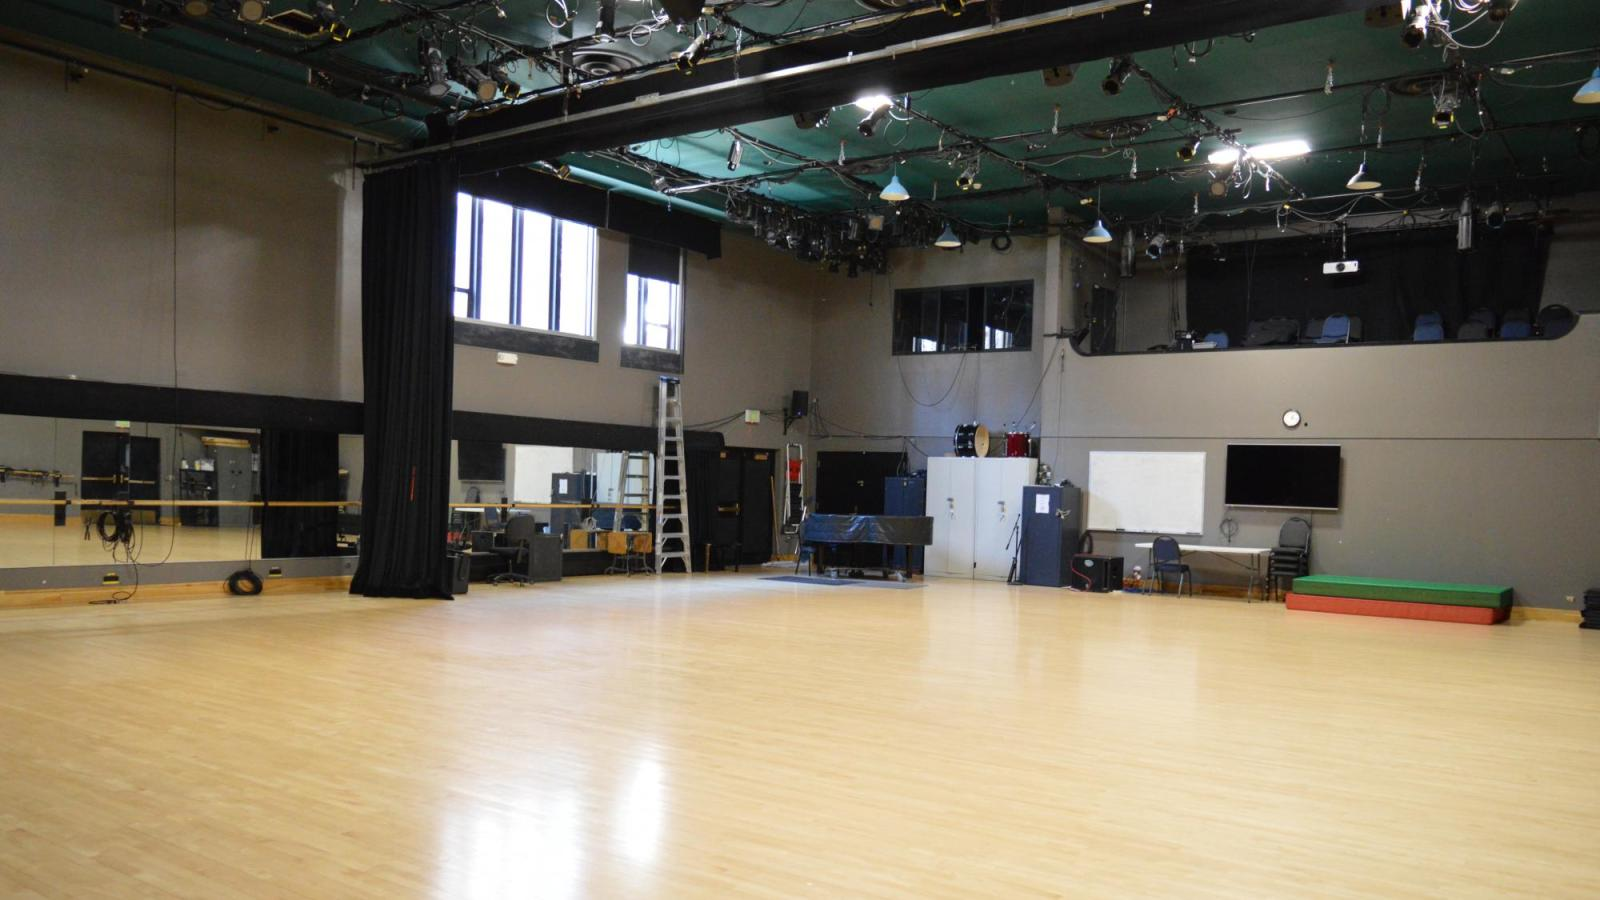 Irey Dance Theatre